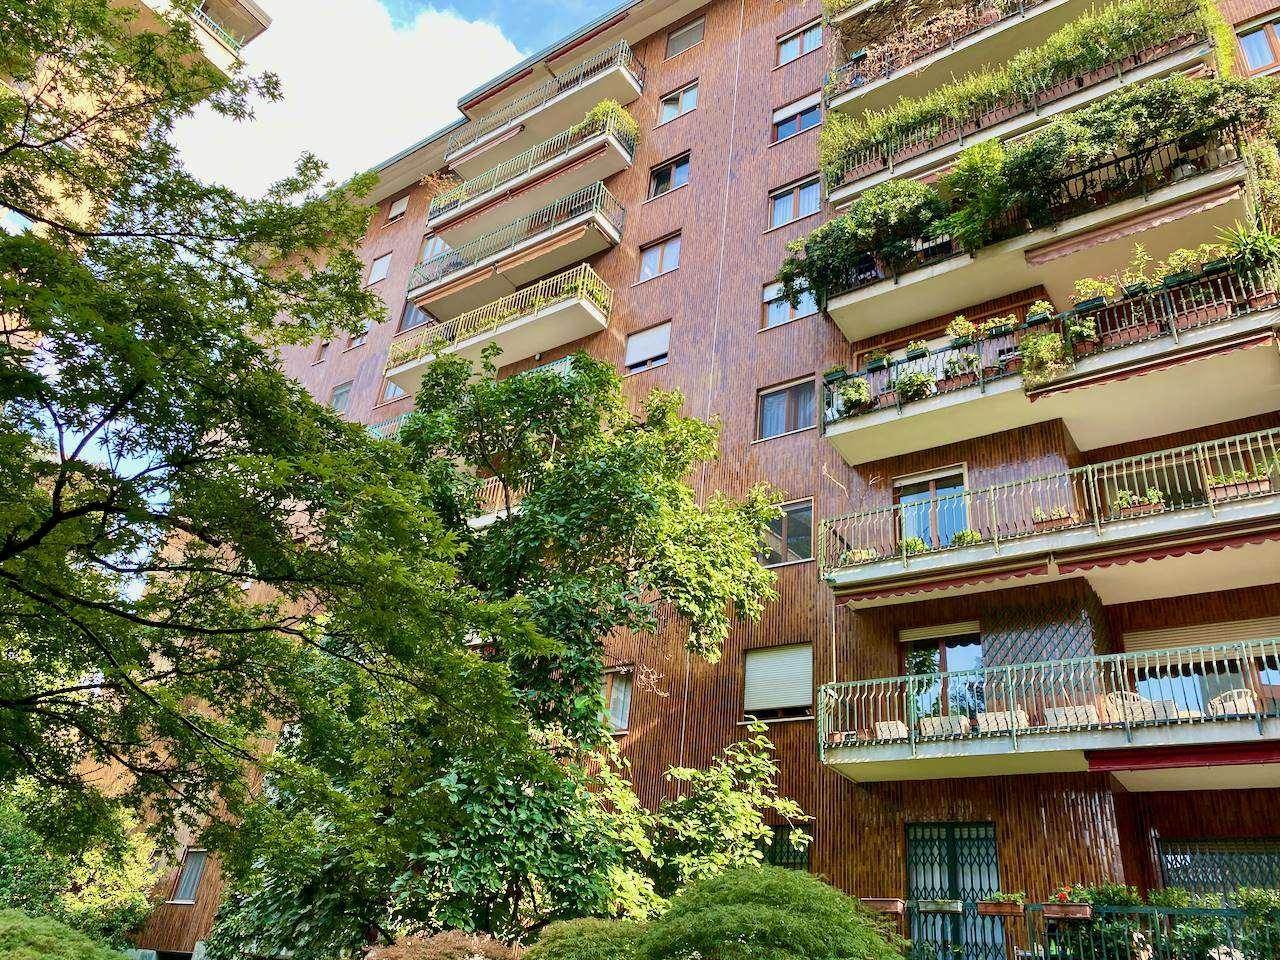 SEMPIONE, MILANO, Квартира на продажу, Отличное, Отопление Централизиванное, Класс энергосбережения: G, Epi: 175 kwh/m2 год, на земле 8° на 9, состоит из: 5 Помещения, Отдельная кухня, , 4 Комнаты, 3